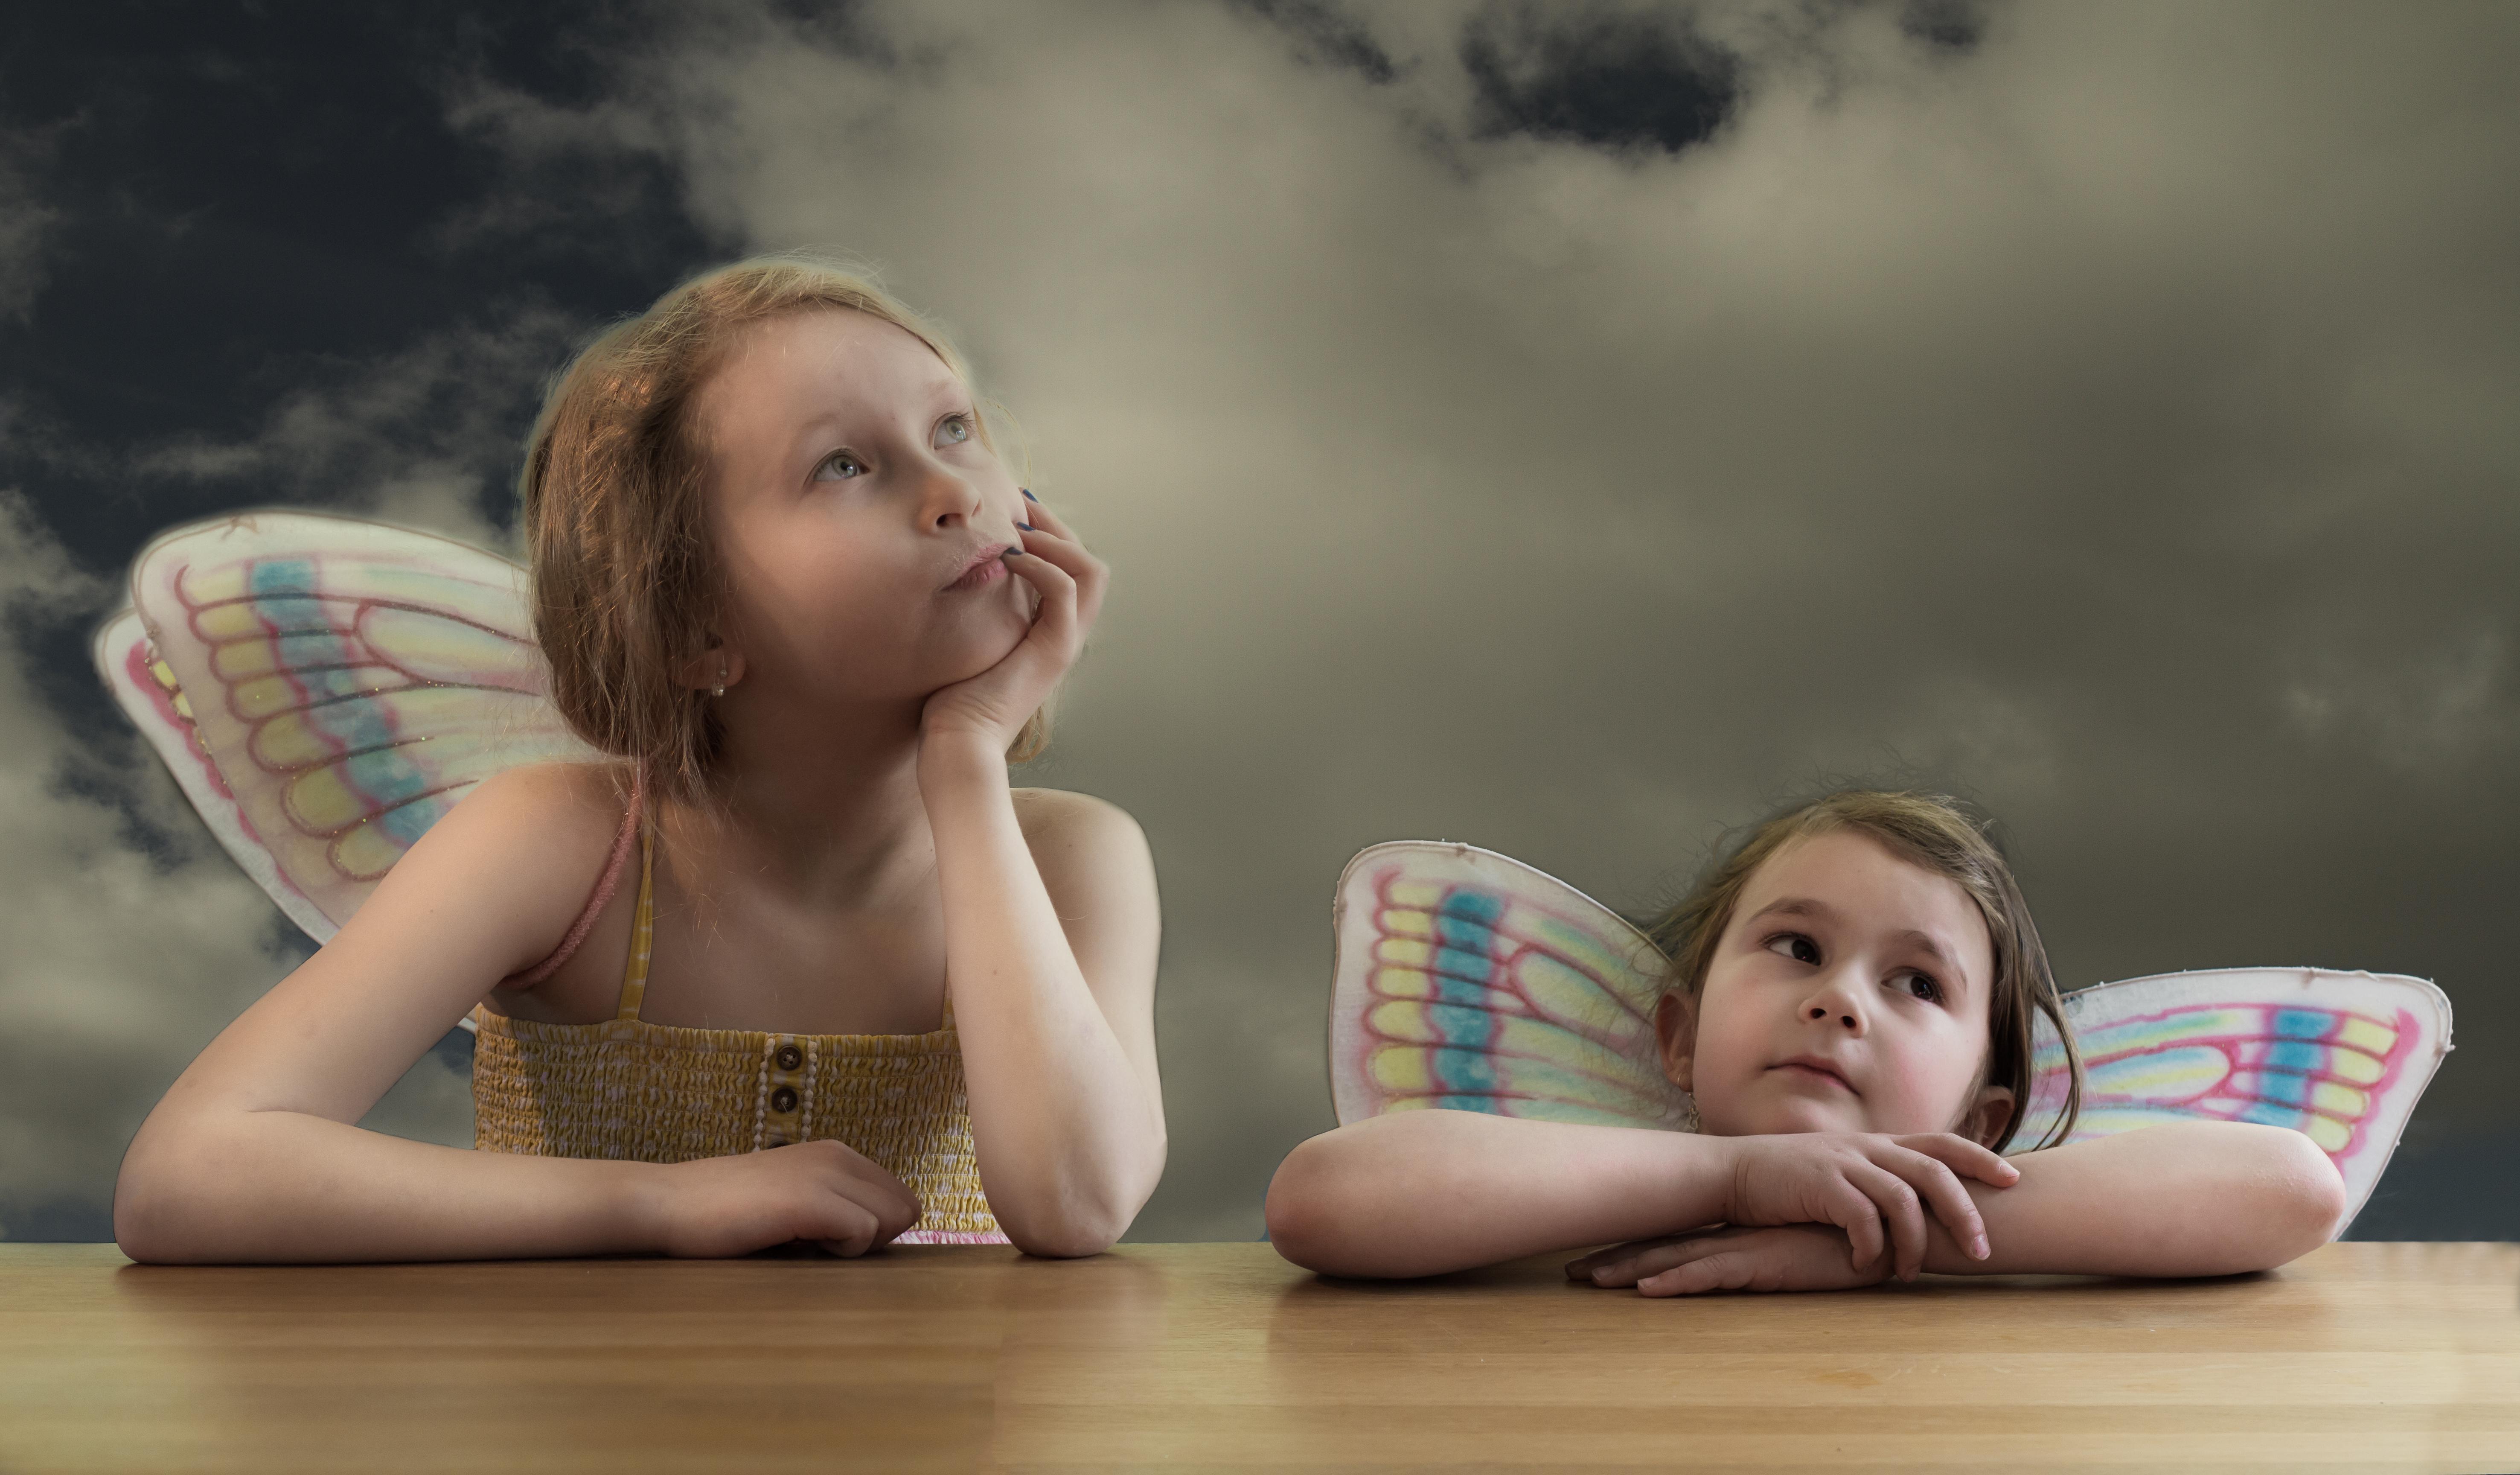 Två flickor iklädda fjärilsvingar, sittandes i samma pose som i Michelangelos ängeltavla.